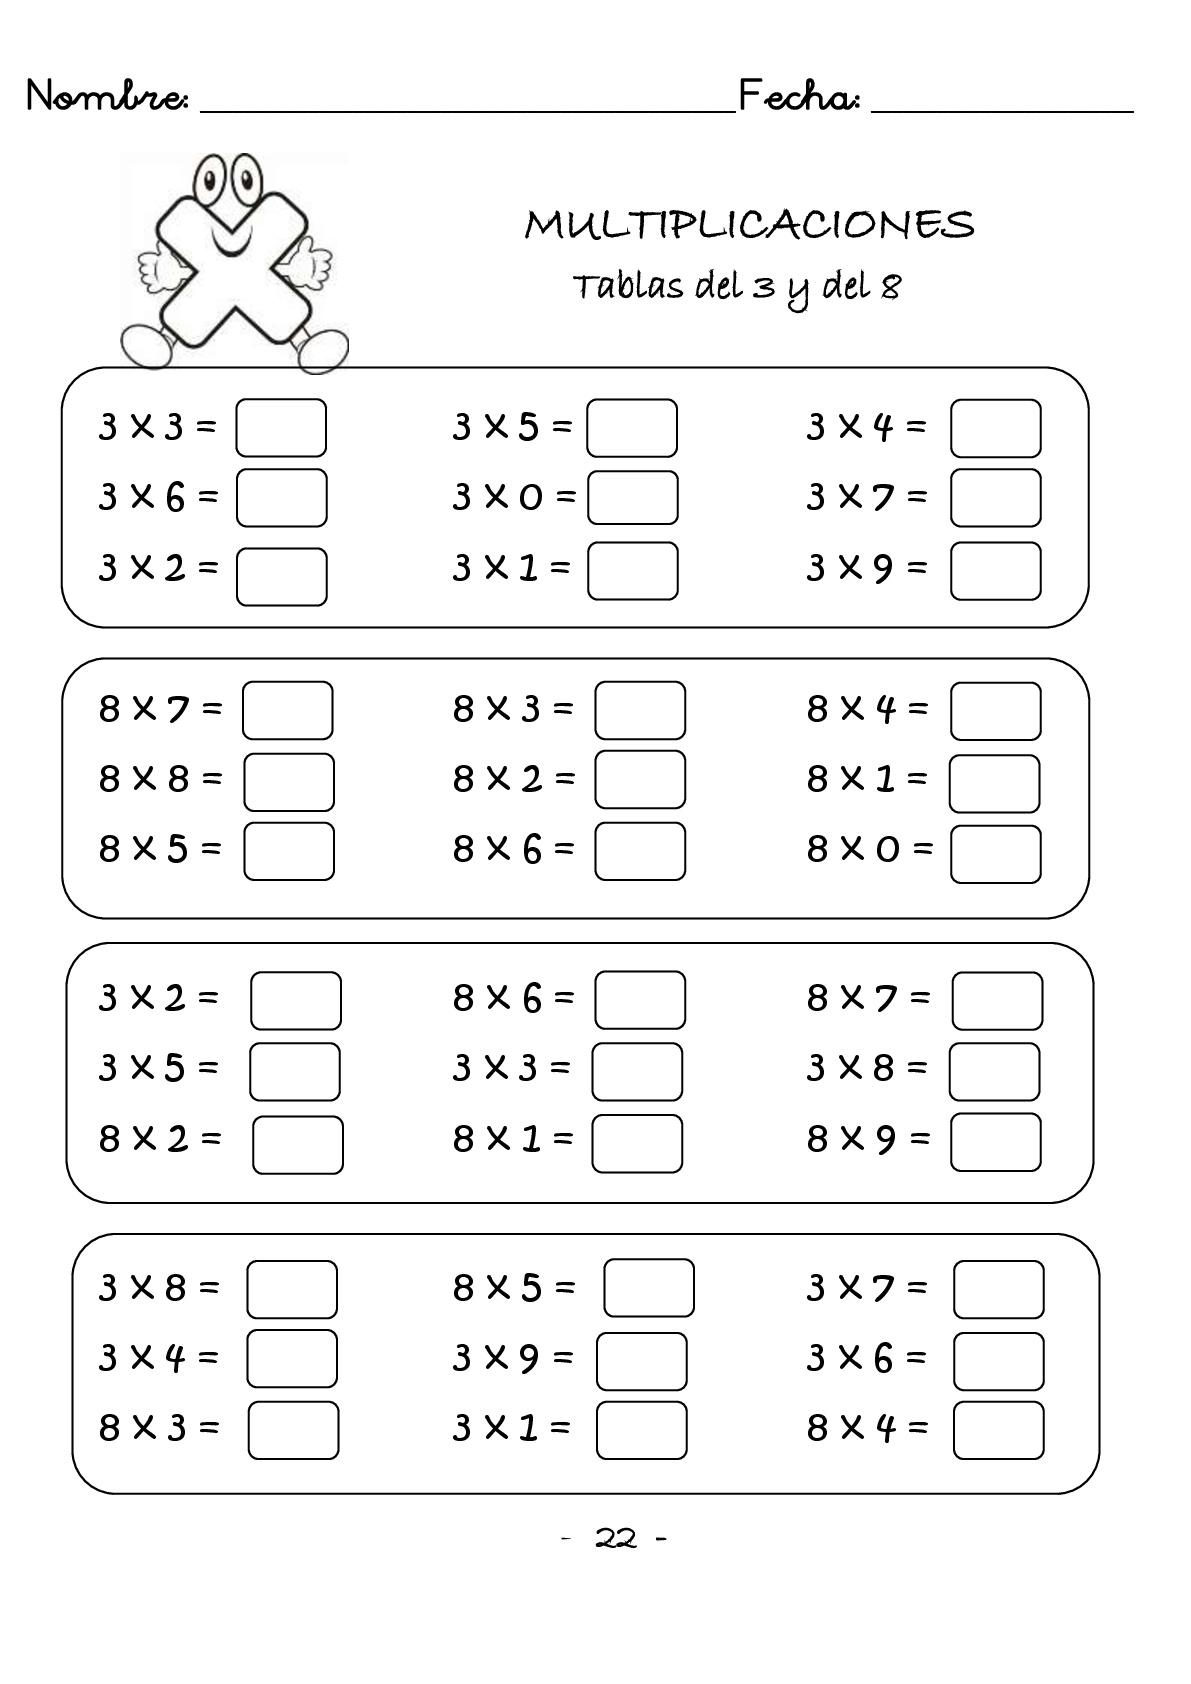 multiplicaciones-rapidas-una-cifra-protegido-023